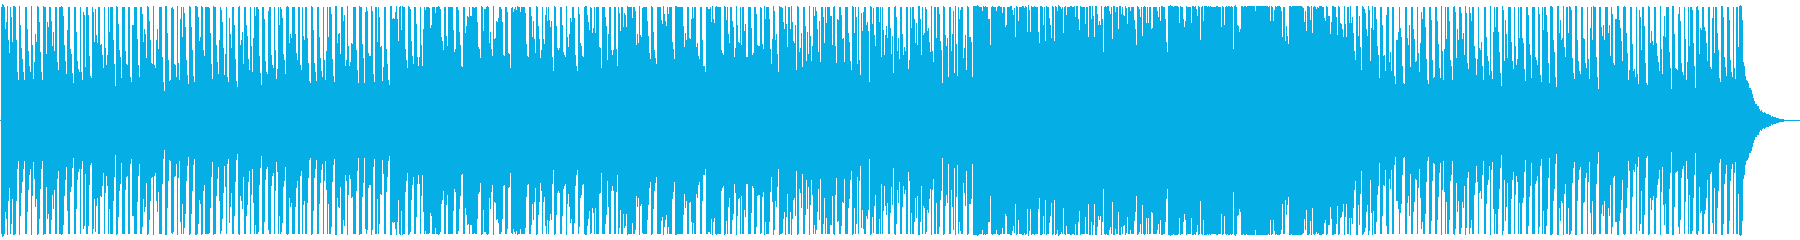 ストリングスとギターの期待が高まるBGMの再生済みの波形